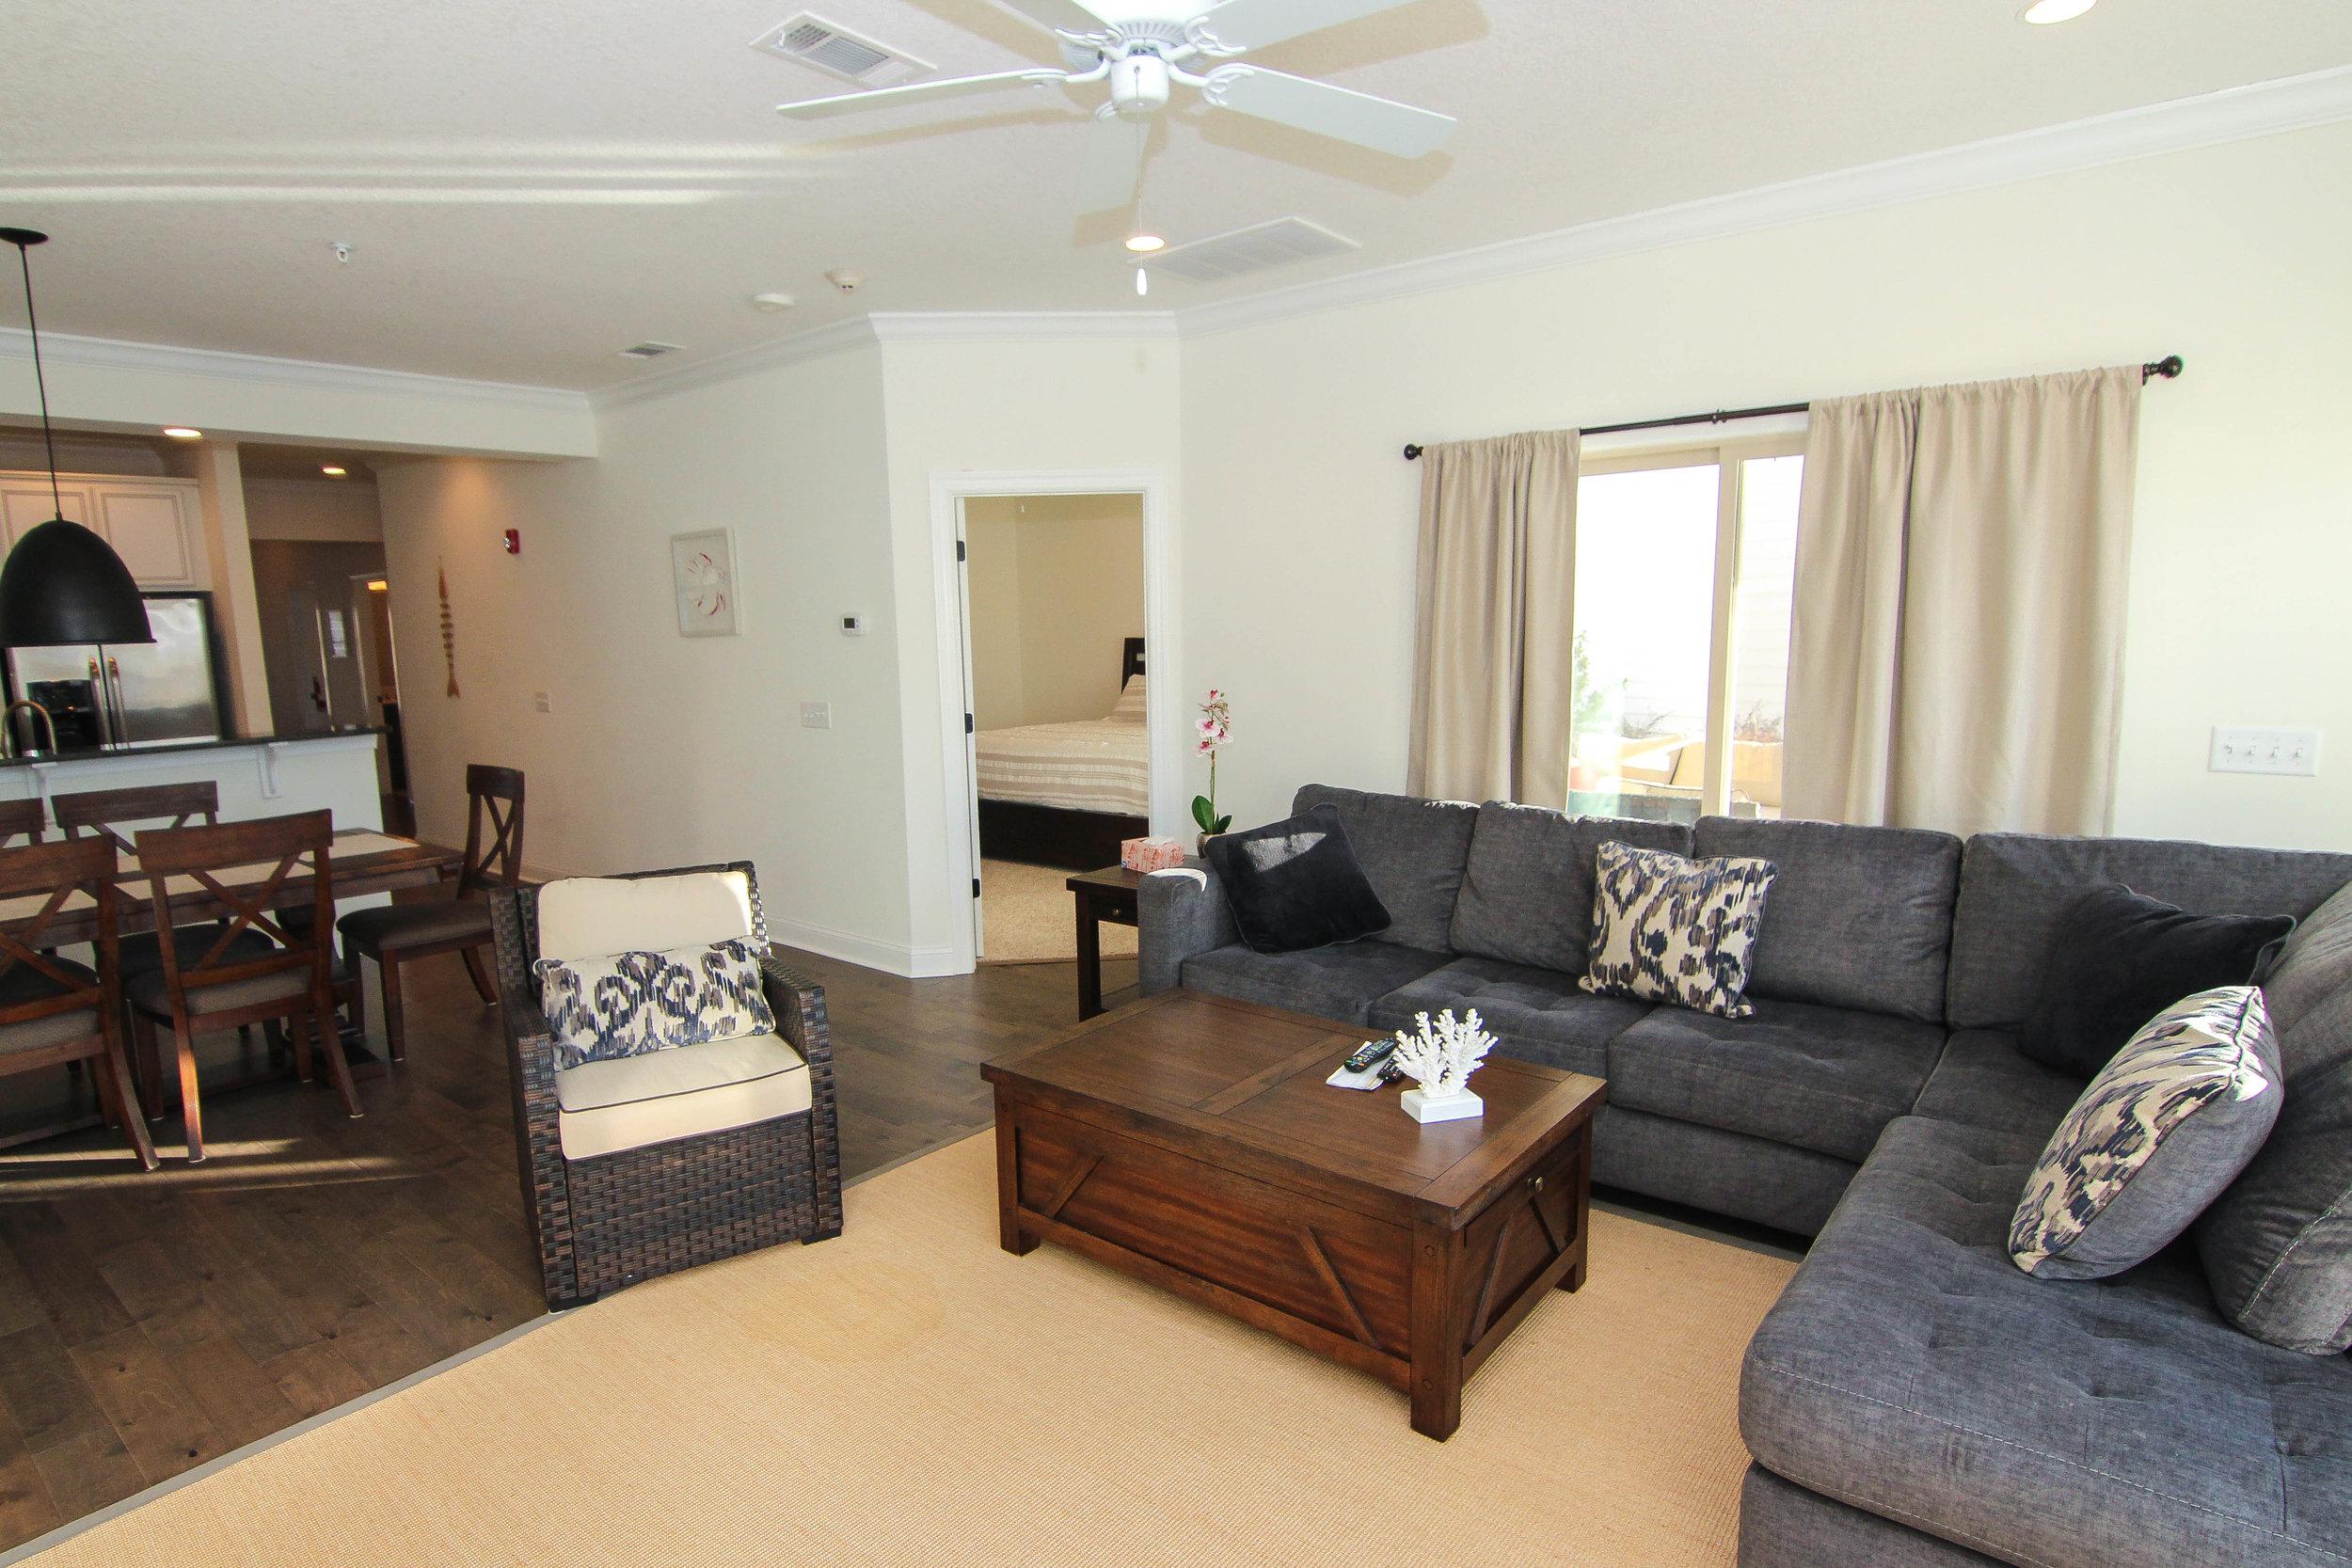 12 Living Room.jpg